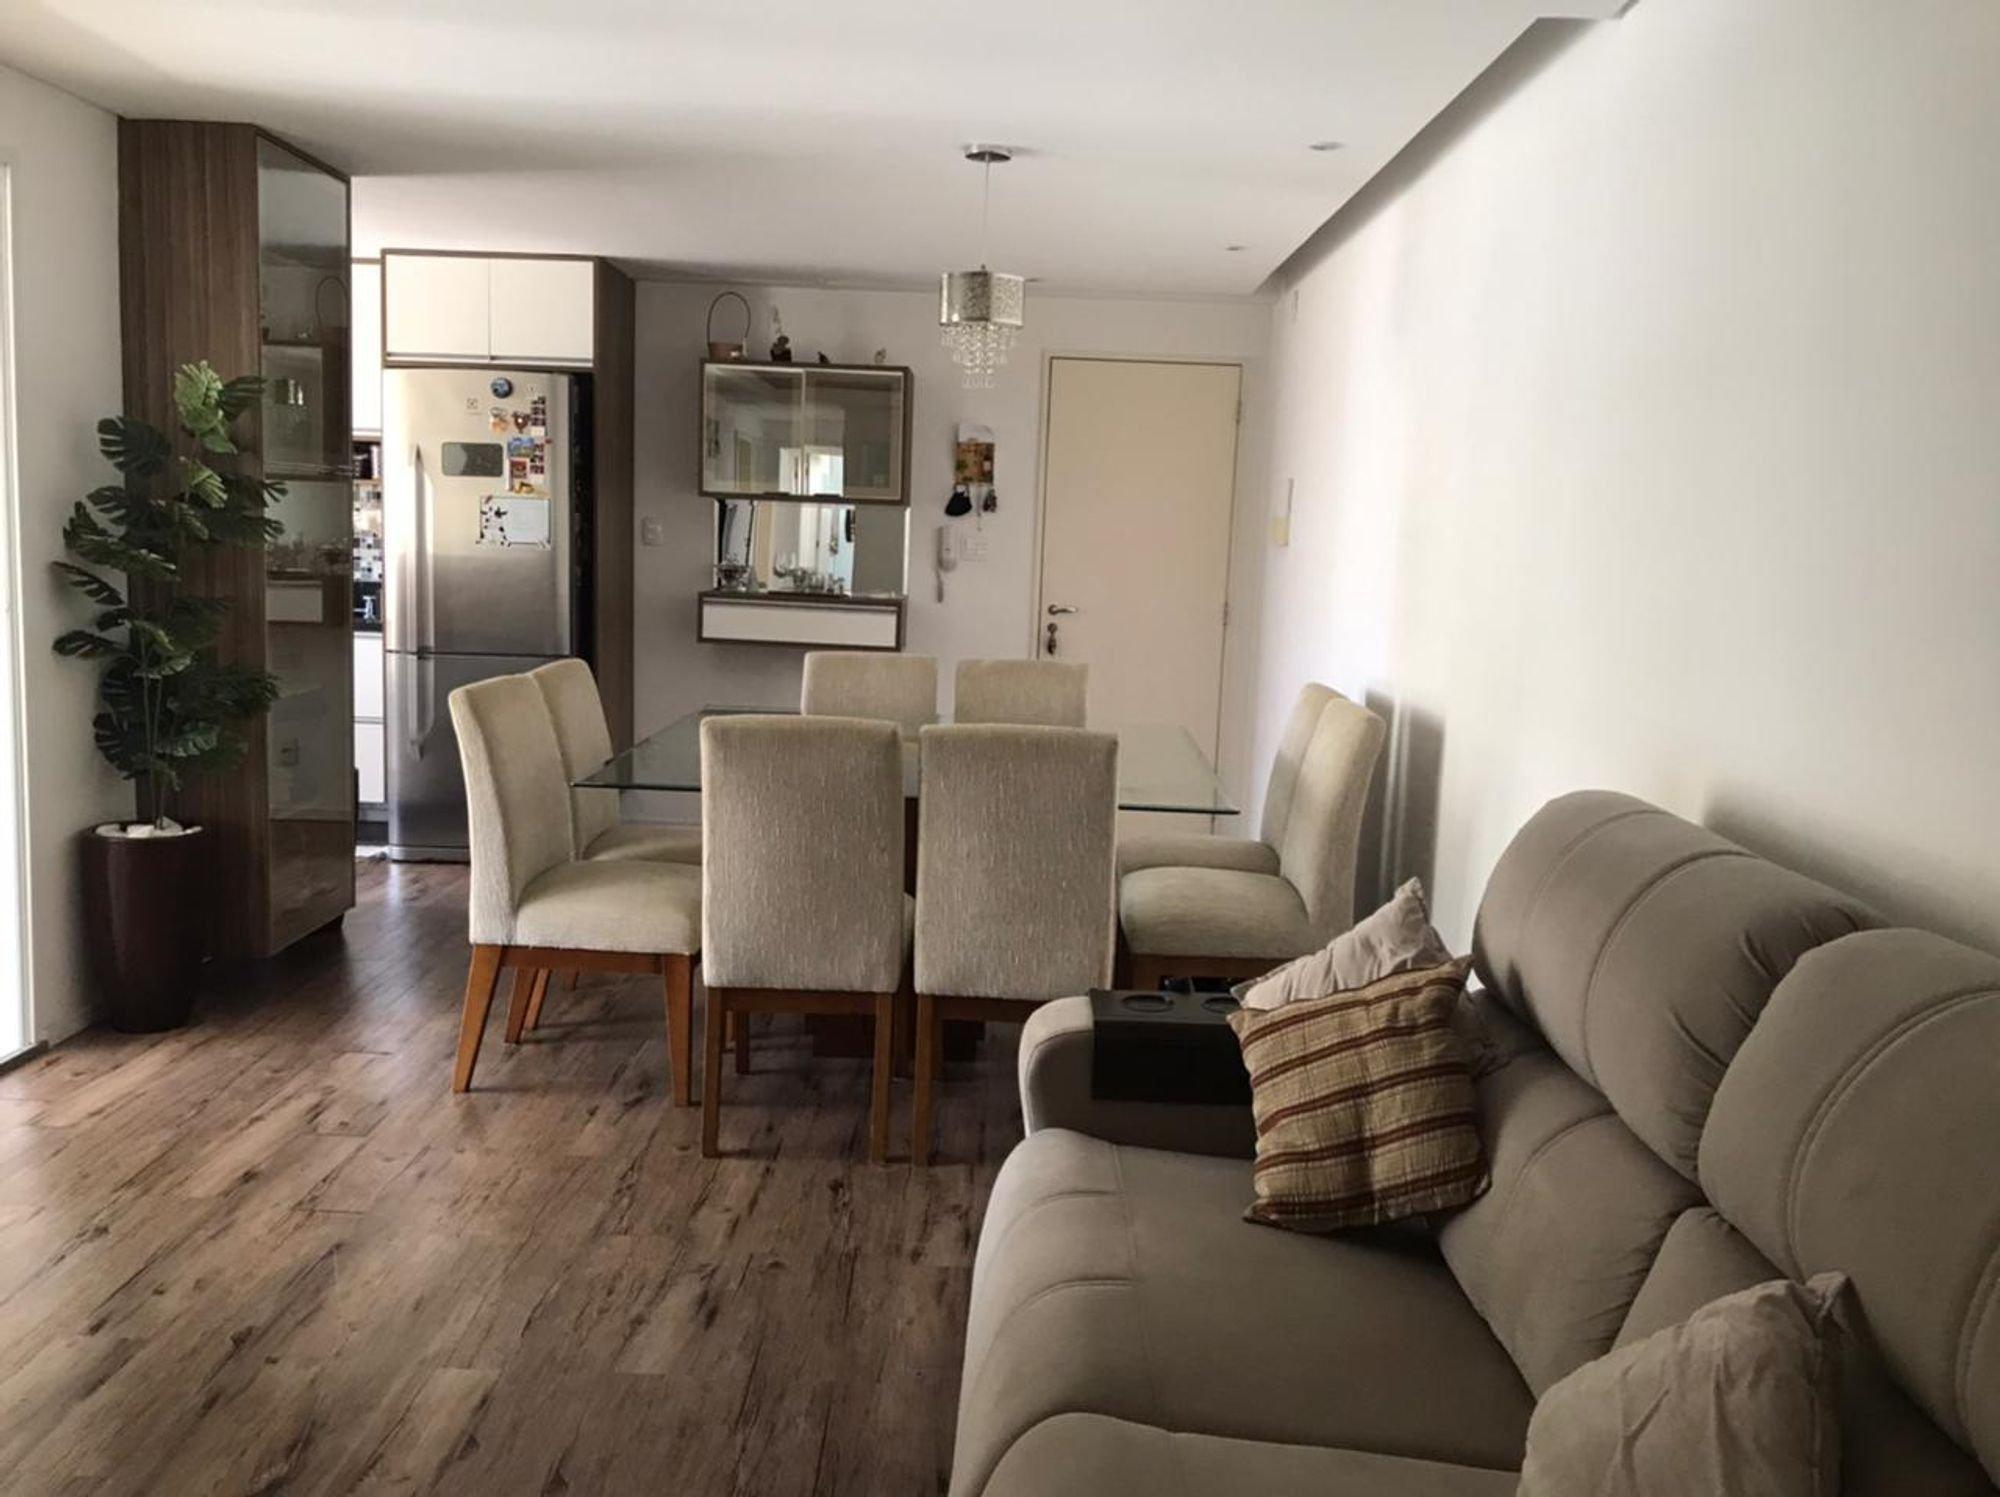 Foto de Sala com vaso de planta, sofá, geladeira, cadeira